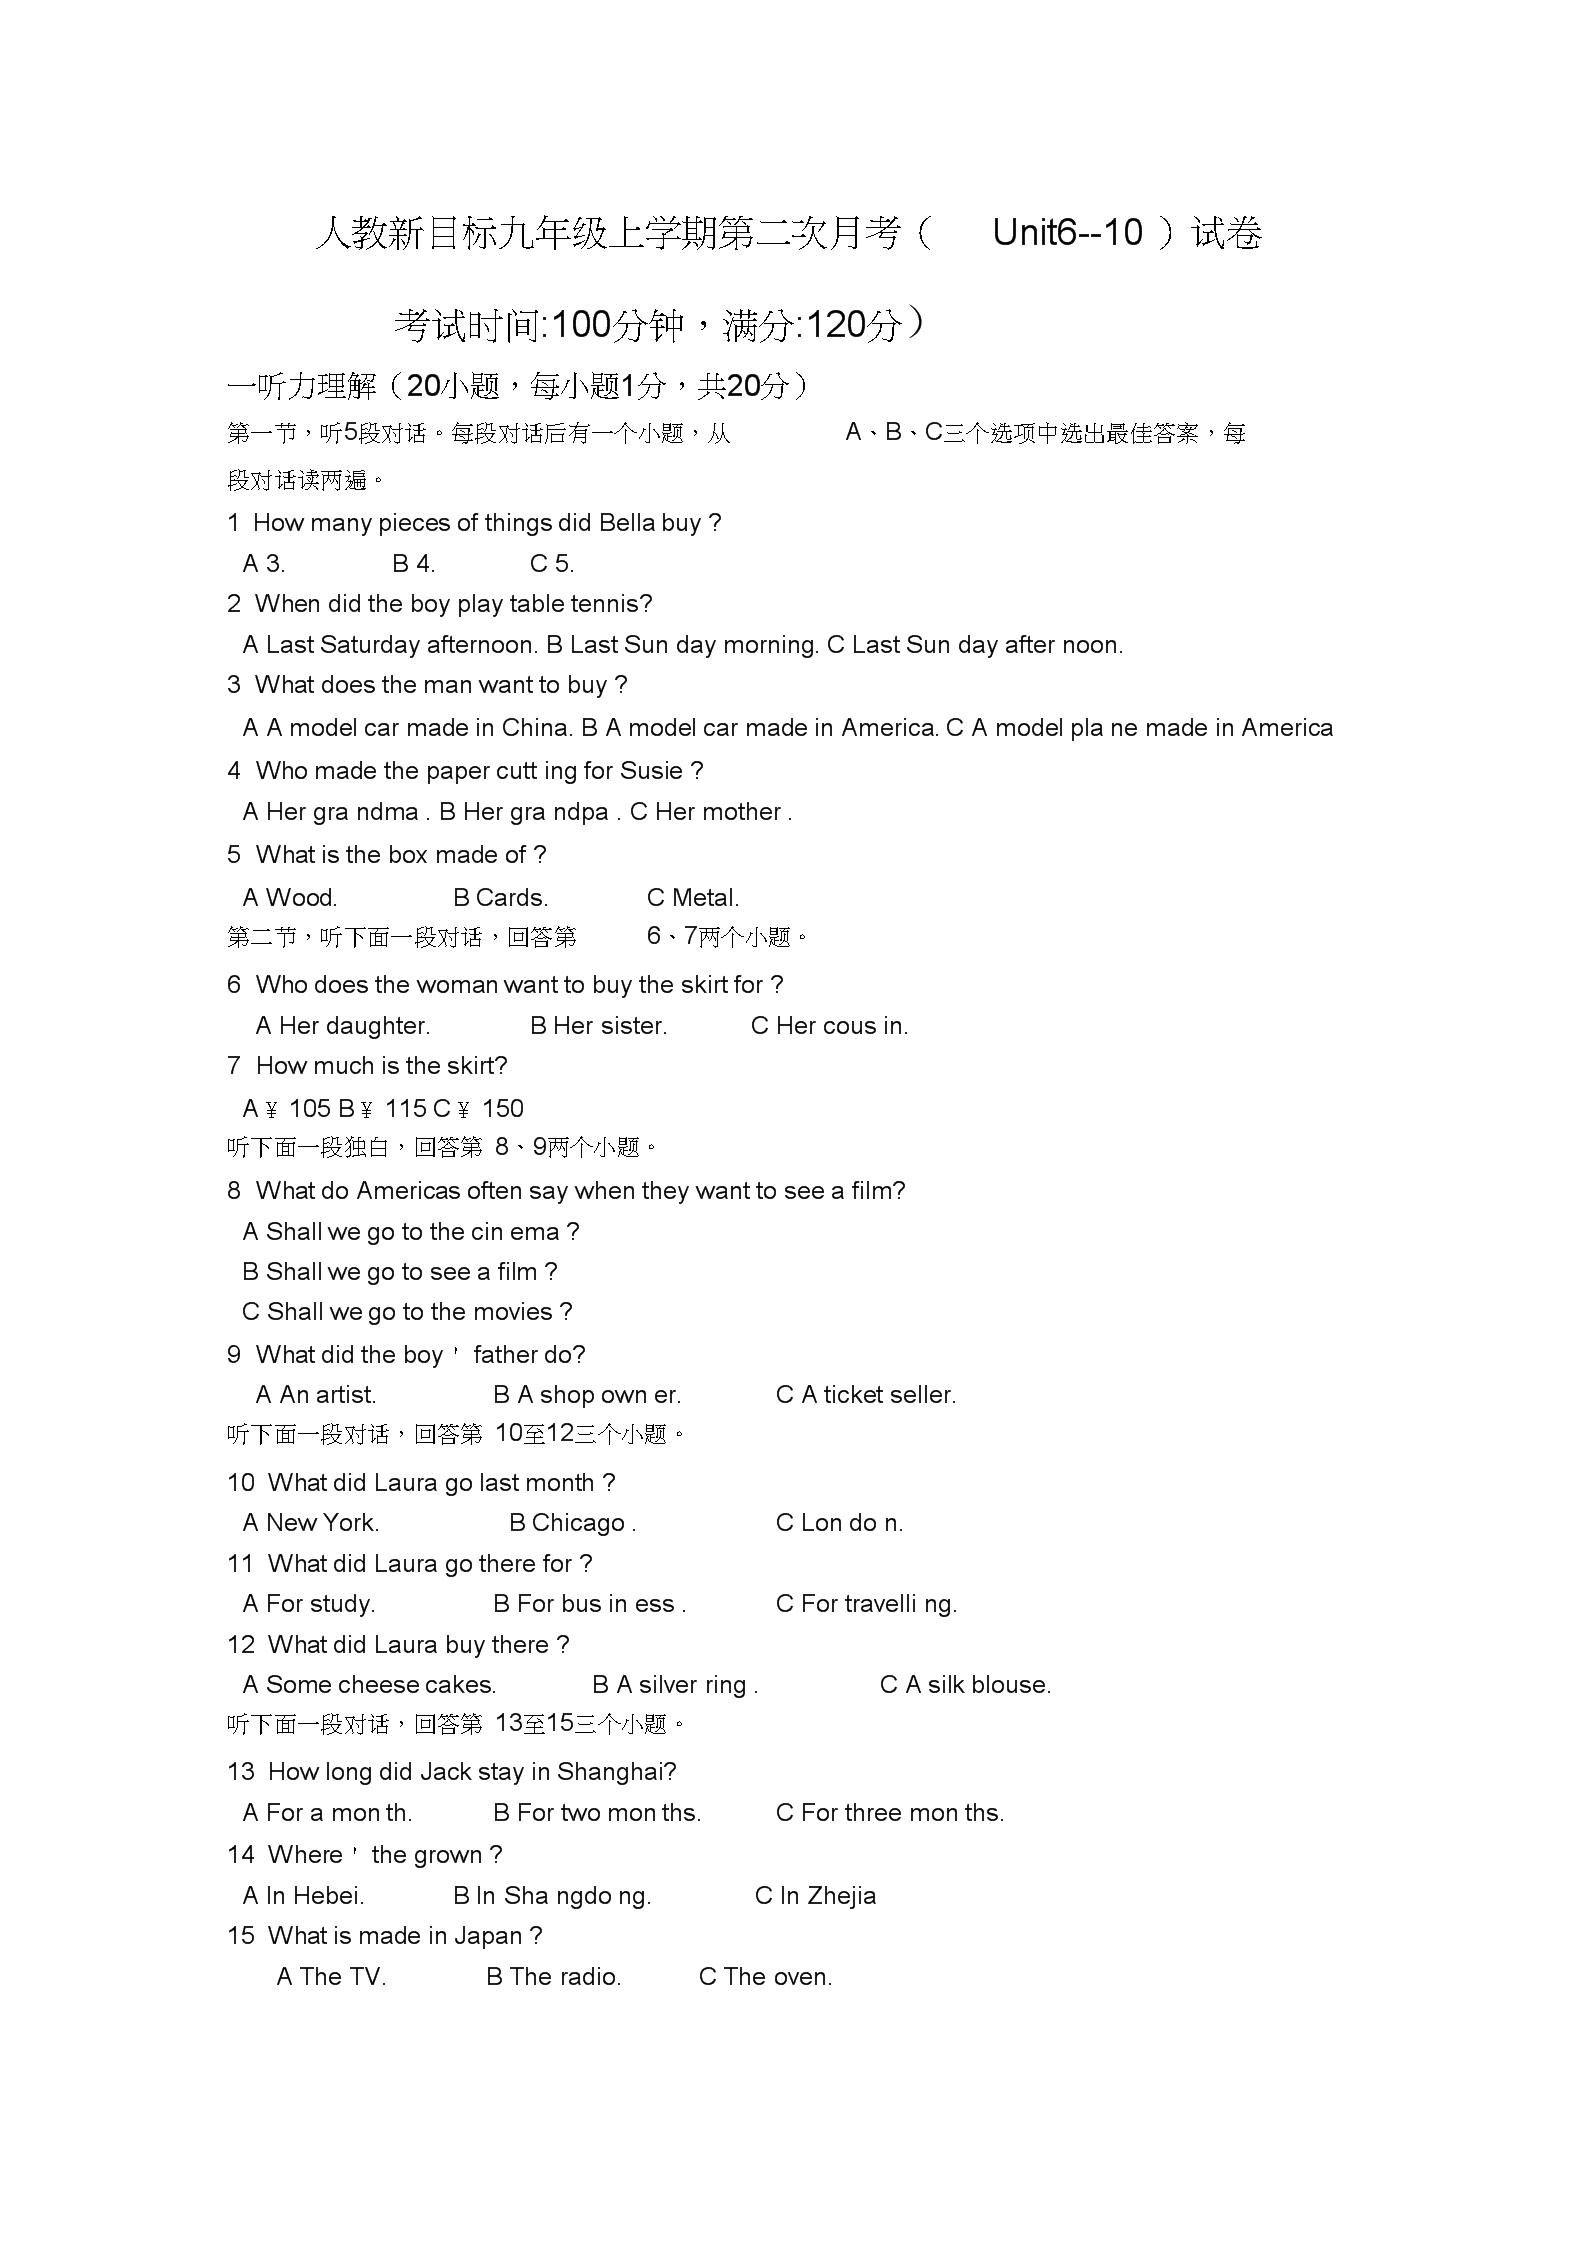 九年级上学期第二次月考英语试题含听力材料.docx